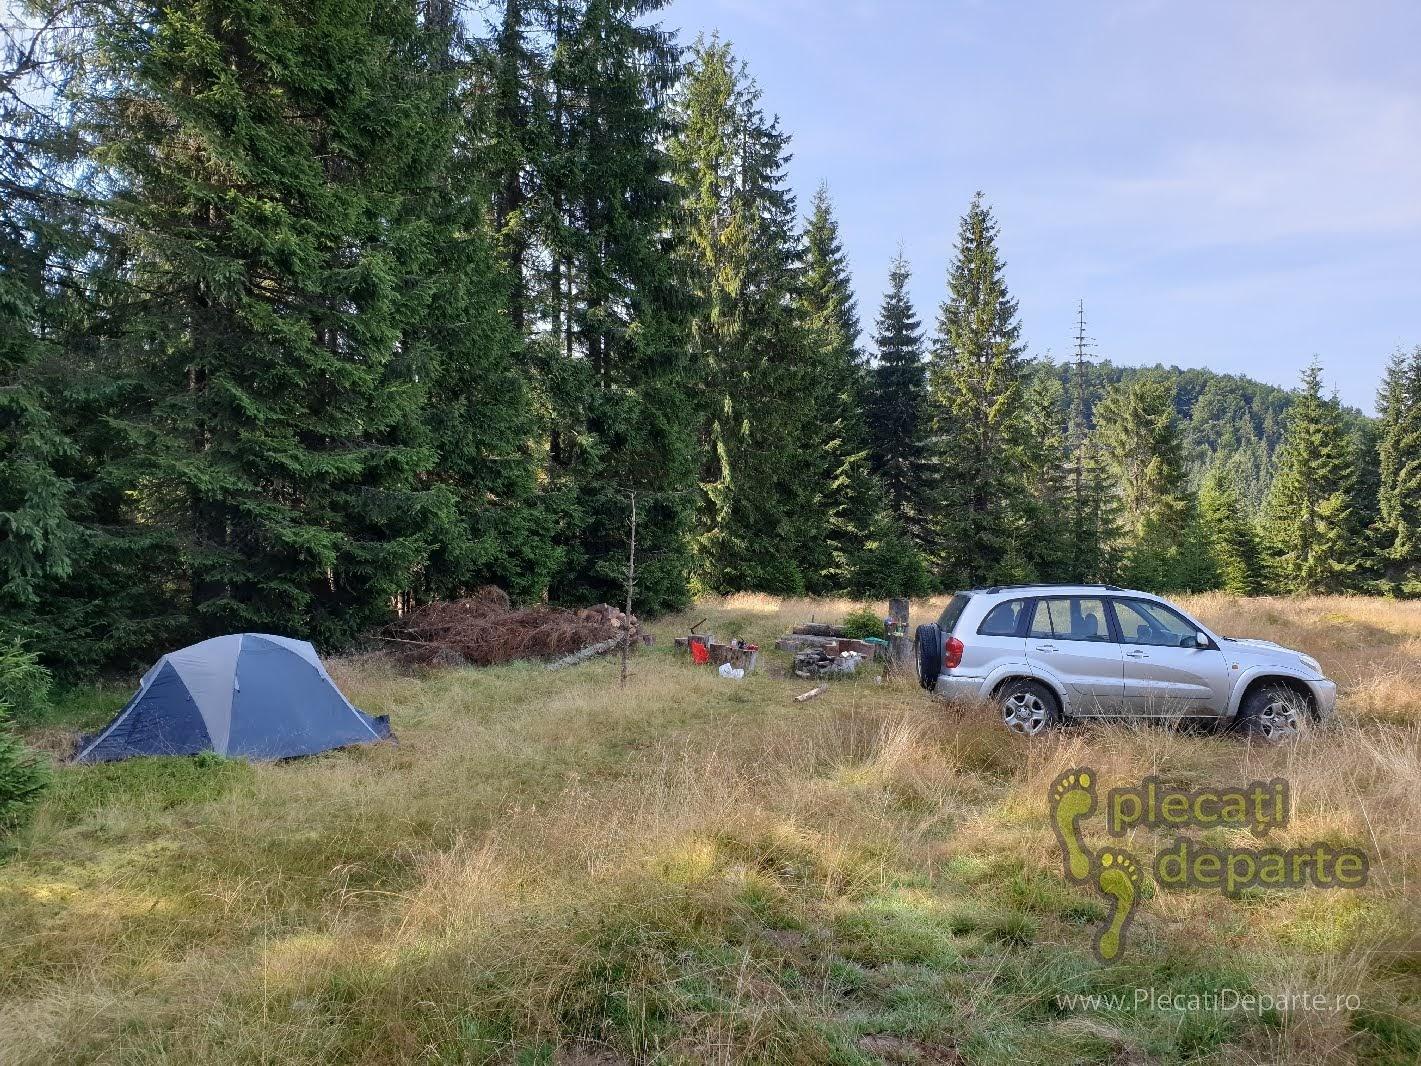 Excursie cu cortul în Parcul Natural Apuseni, camping Apuseni, cu cortul in Apuseni, cu cortul in Padis, camping in Padis, cu cortul in Muntii Apuseni, camping in Muntii Apuseni